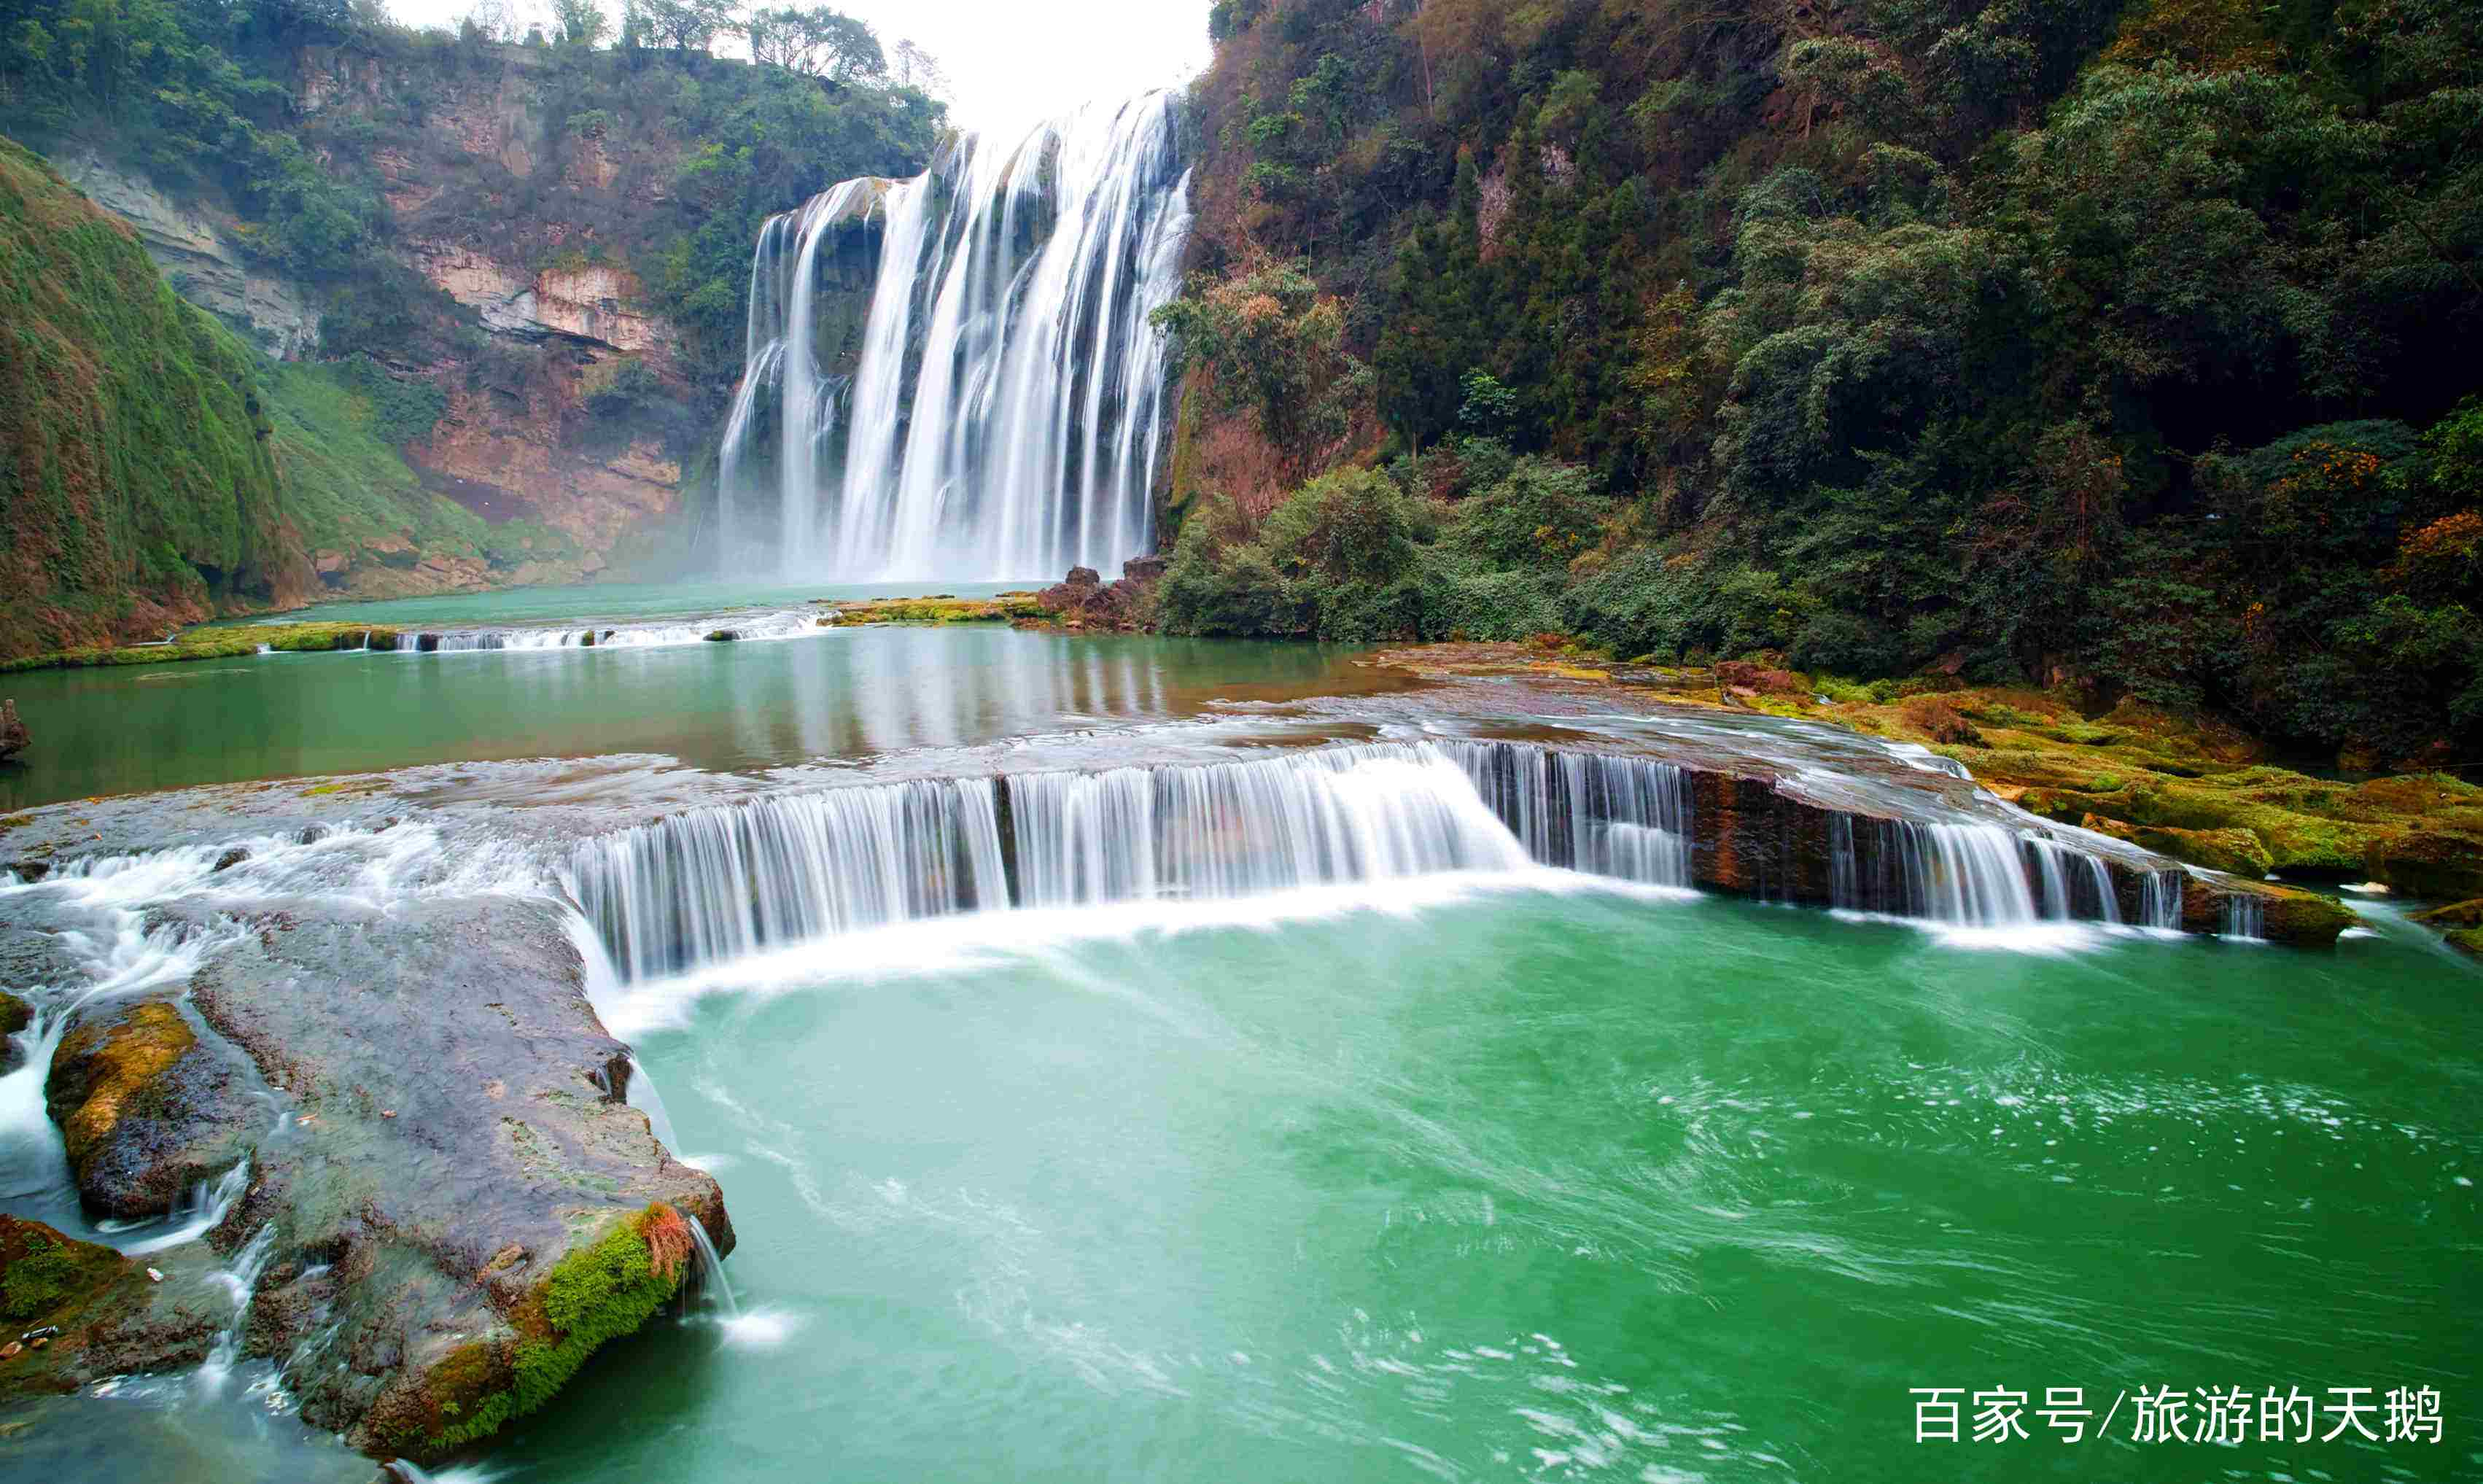 贵州5a级的5大景区,黄果树瀑布上榜,你去过哪个?